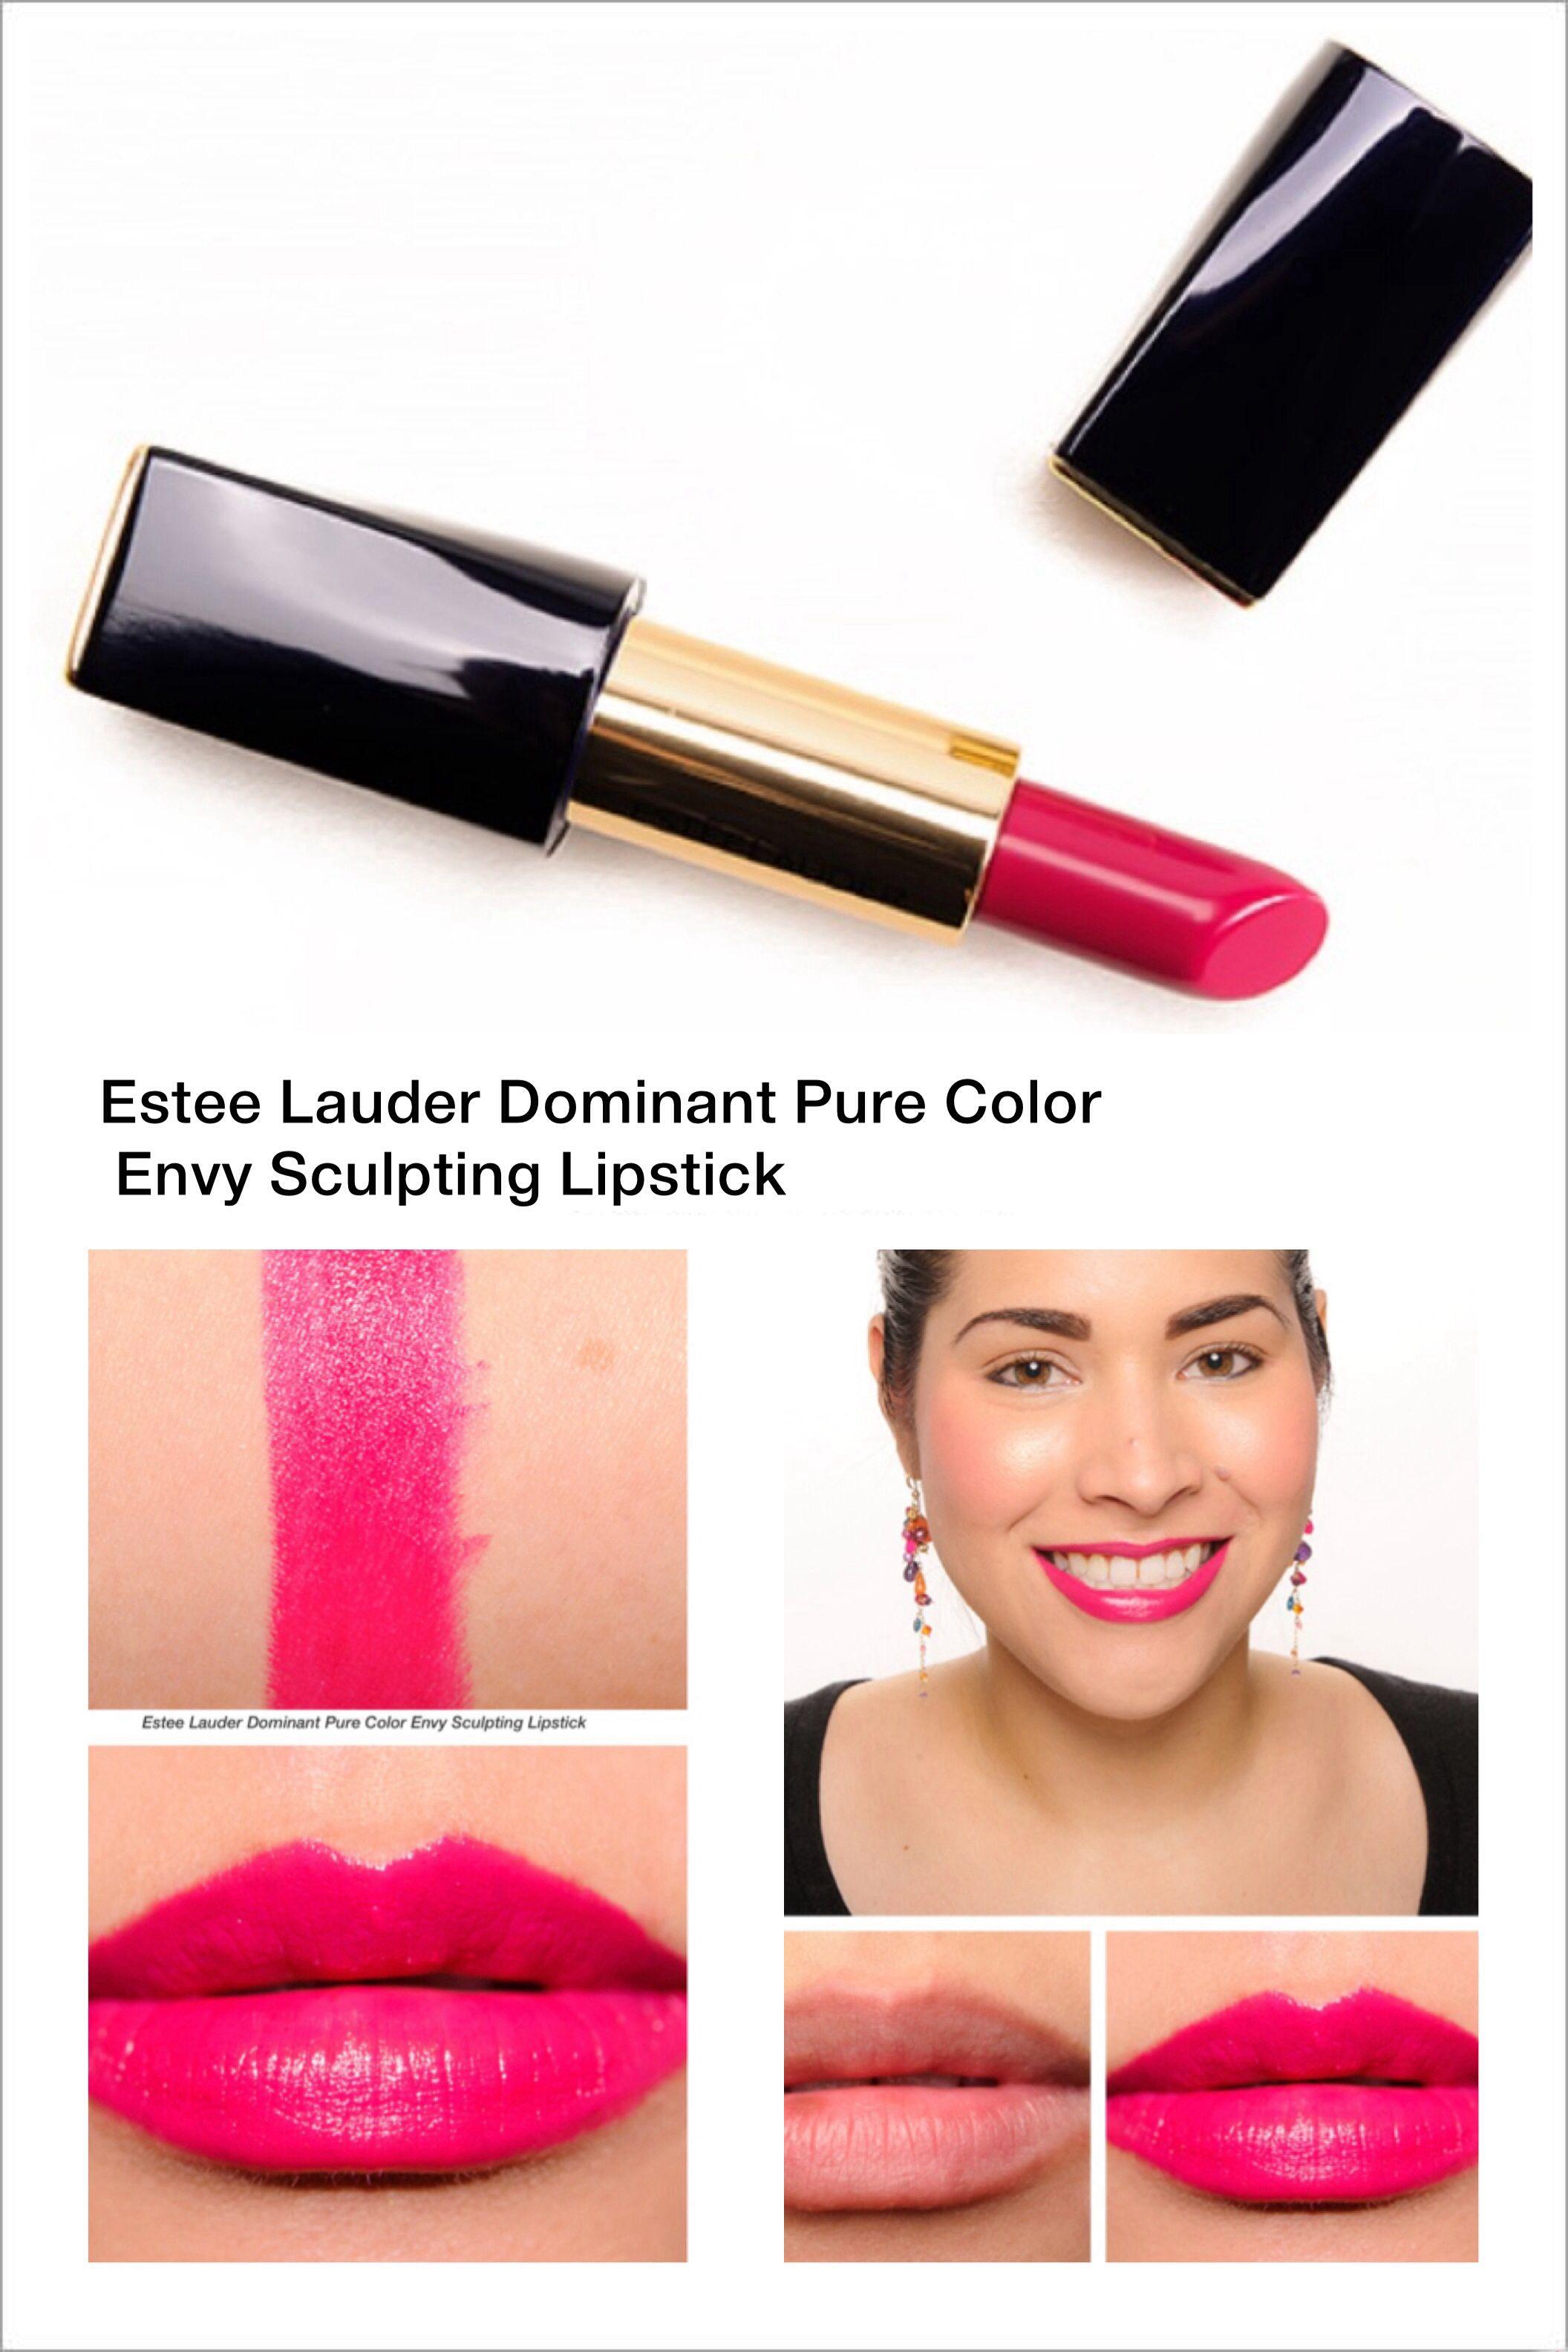 estee lauder dominant pure color envy sculpting lipstick | beauty